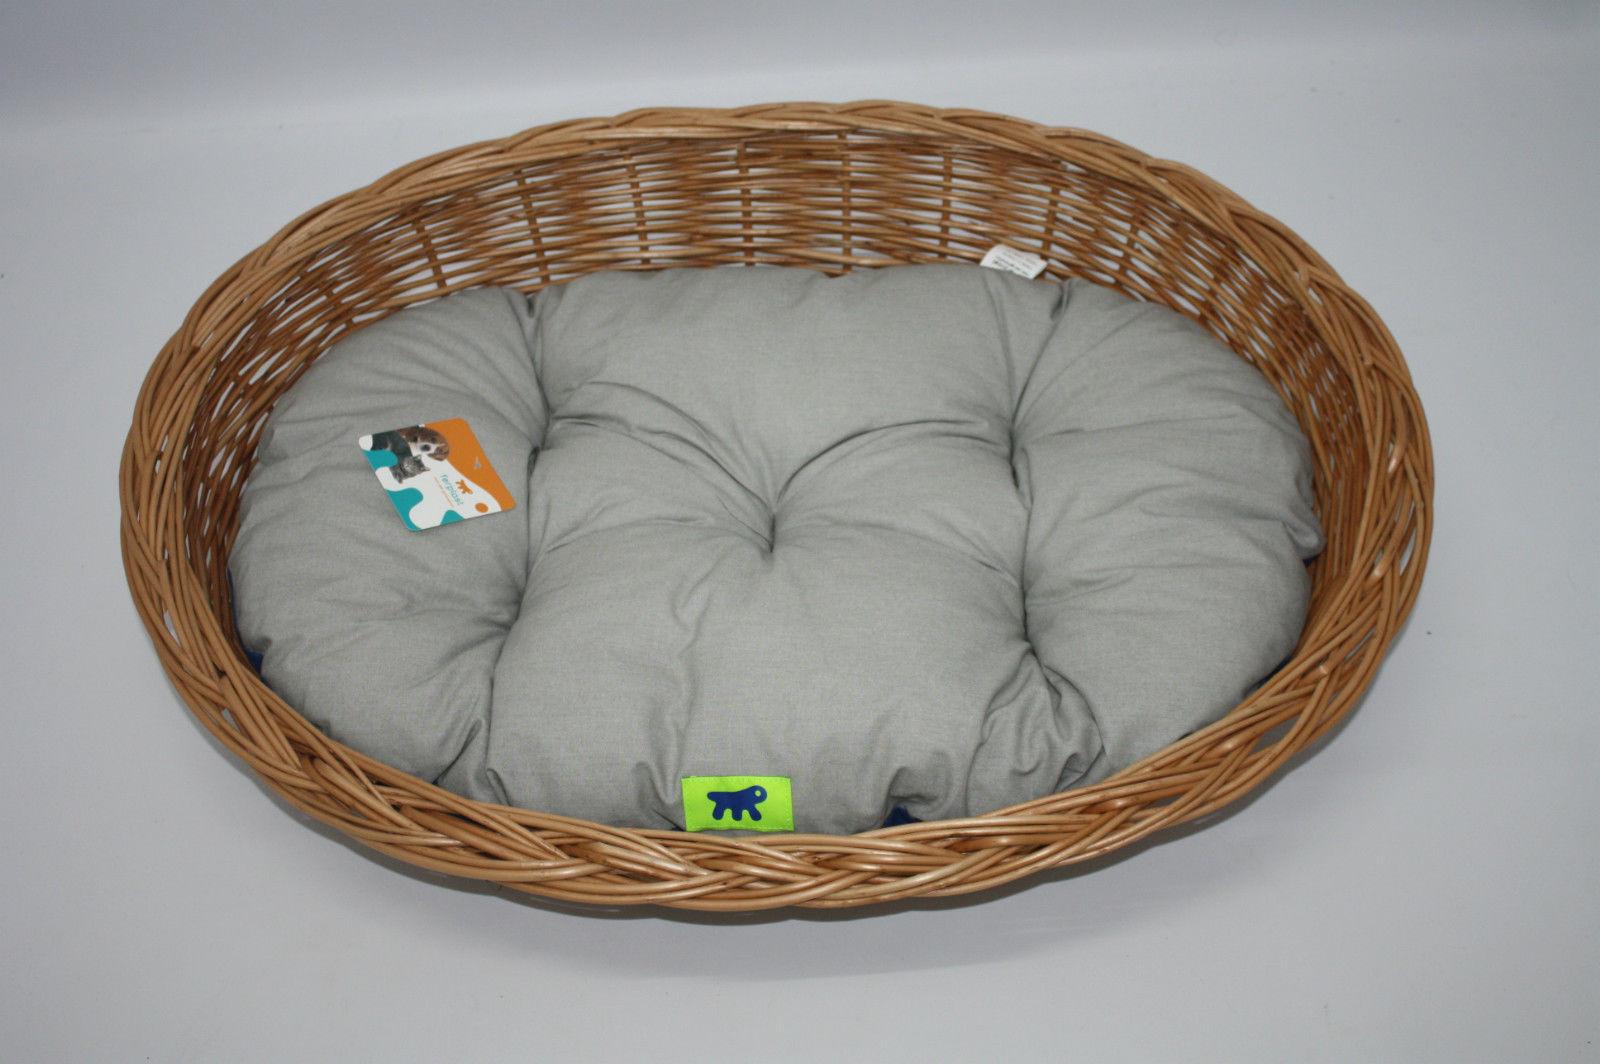 Aumüller Hundekorb aus Weide hell 60 - 100 cm mit Ferplast Kissen in 3 Farben